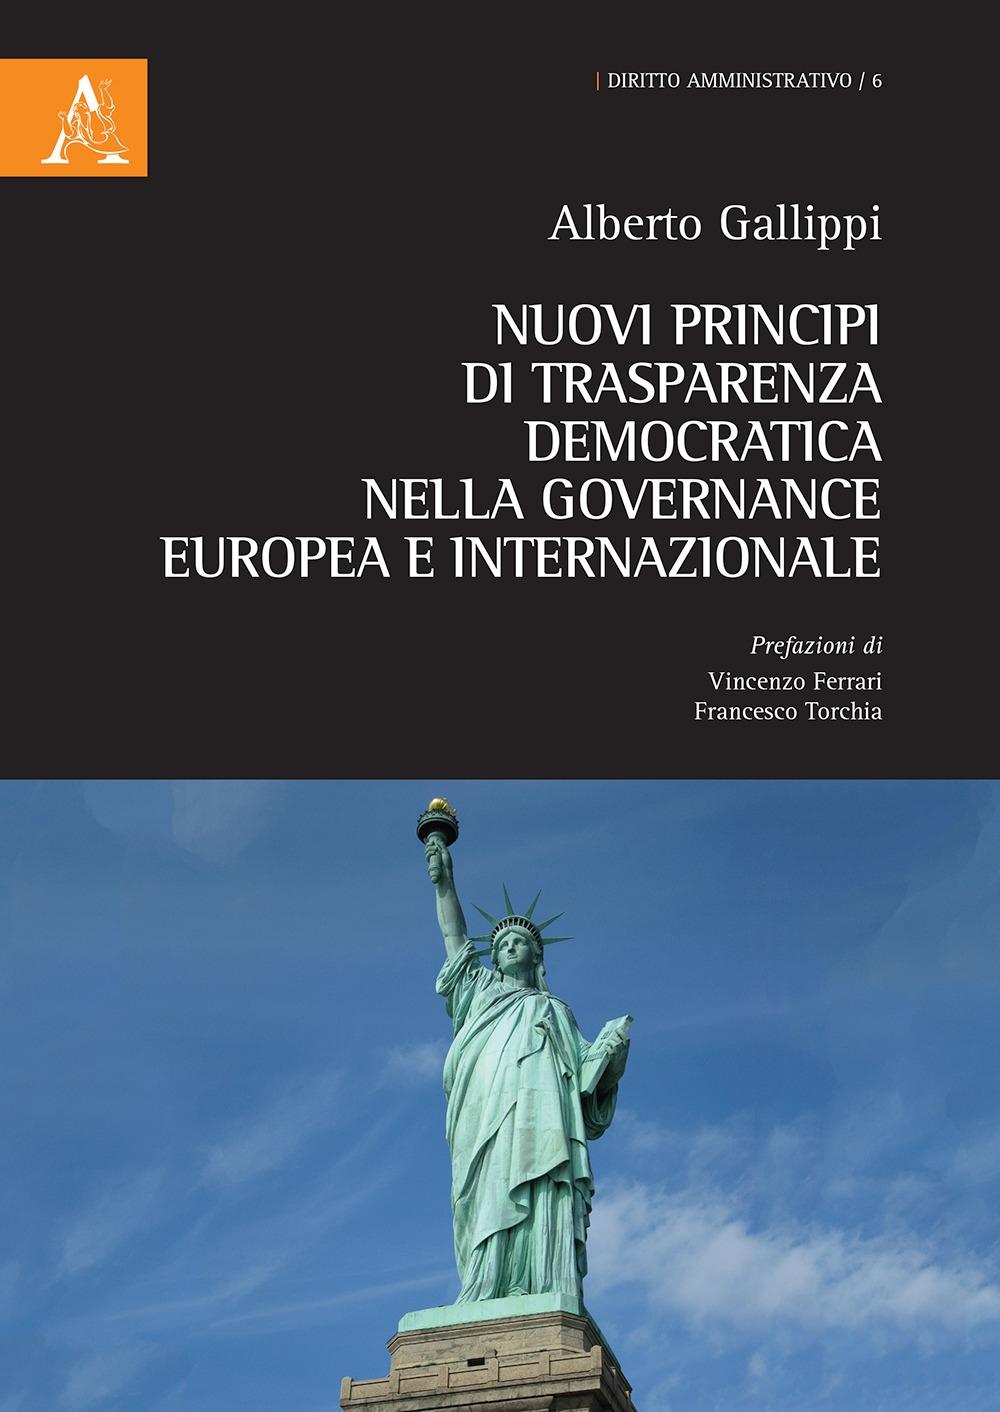 Nuovi principi di trasparenza democratica nella governance europea e internazionale